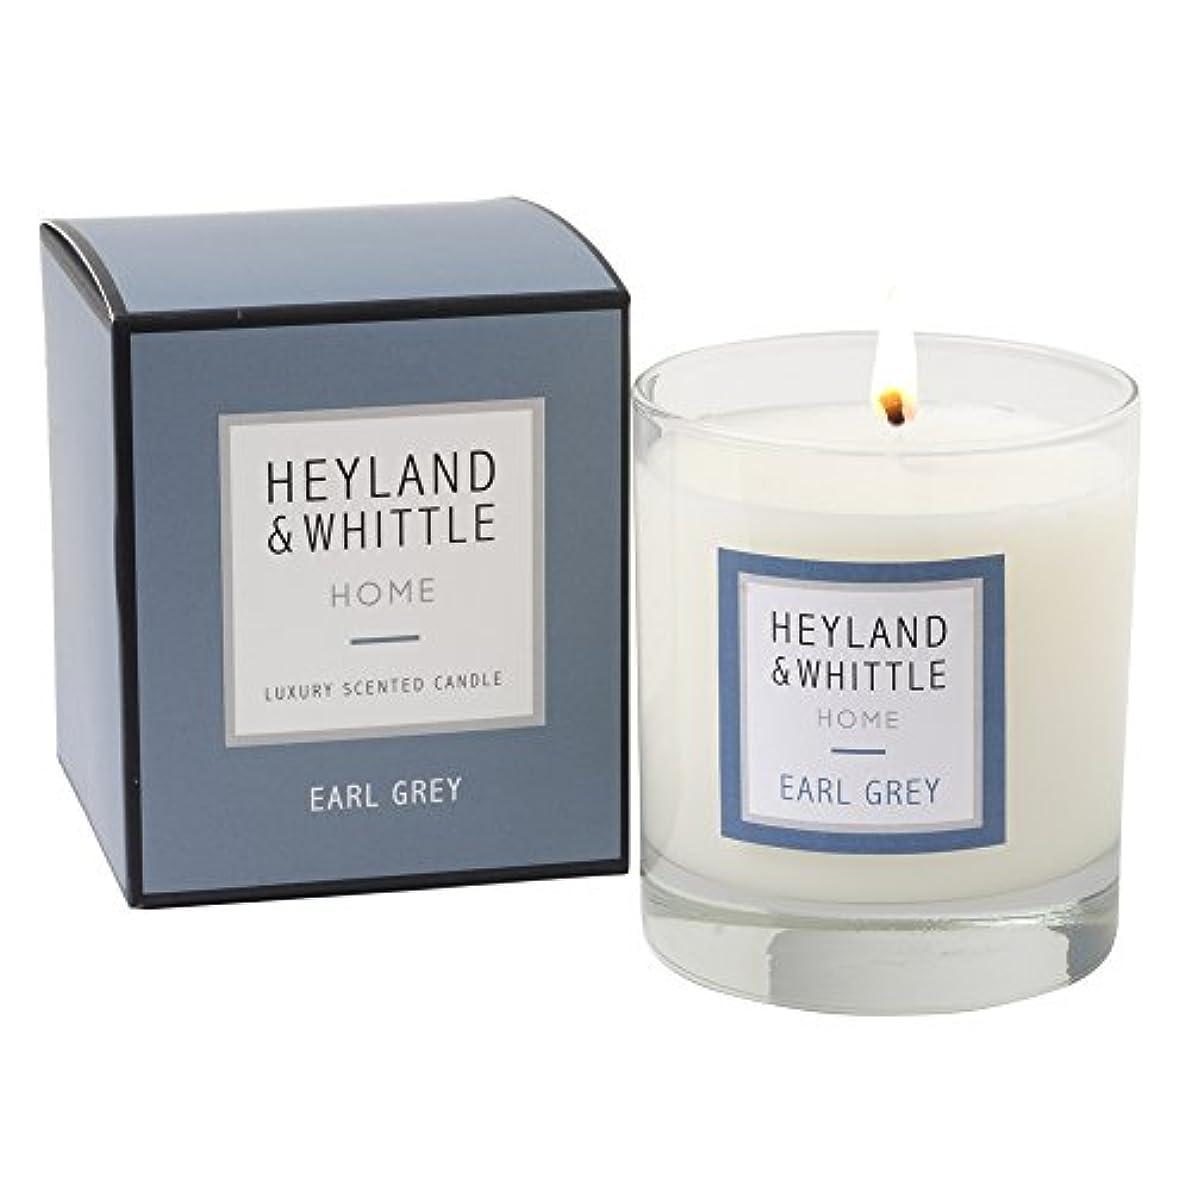 等々修復有名Heyland & Whittle ' HOME '範囲Earl Grey香りつきSoy Candle in aガラスby Heyland & Whittle